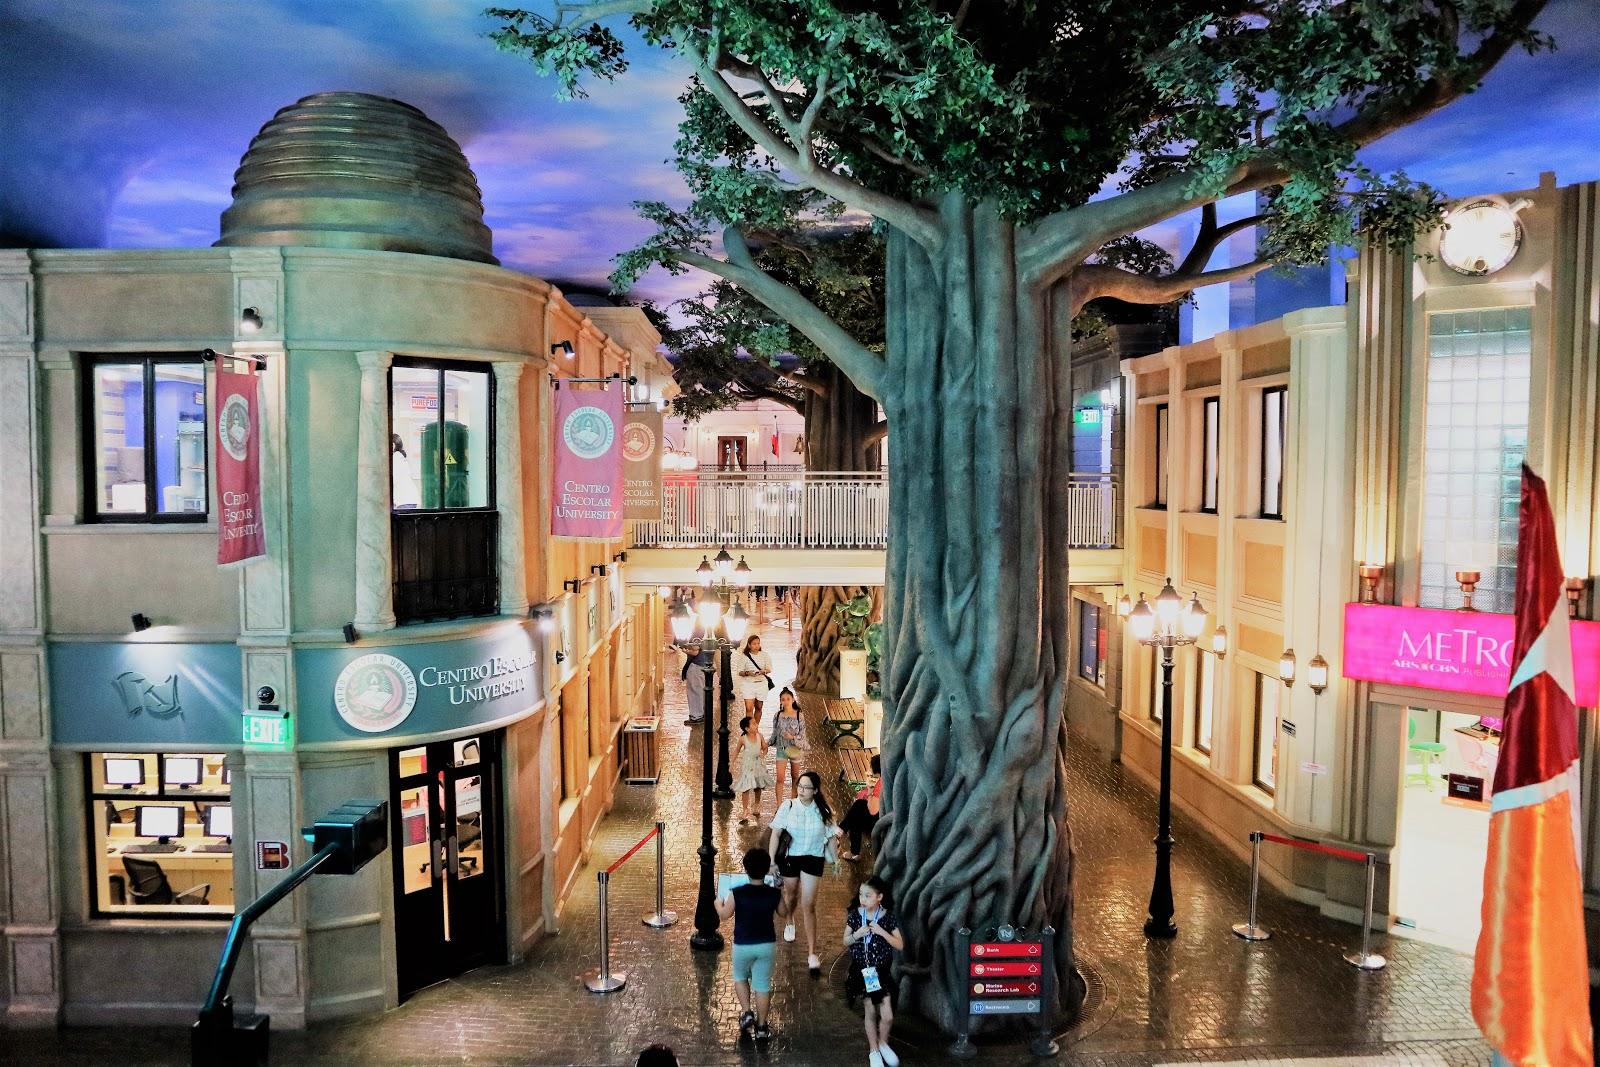 KidZania's City Center